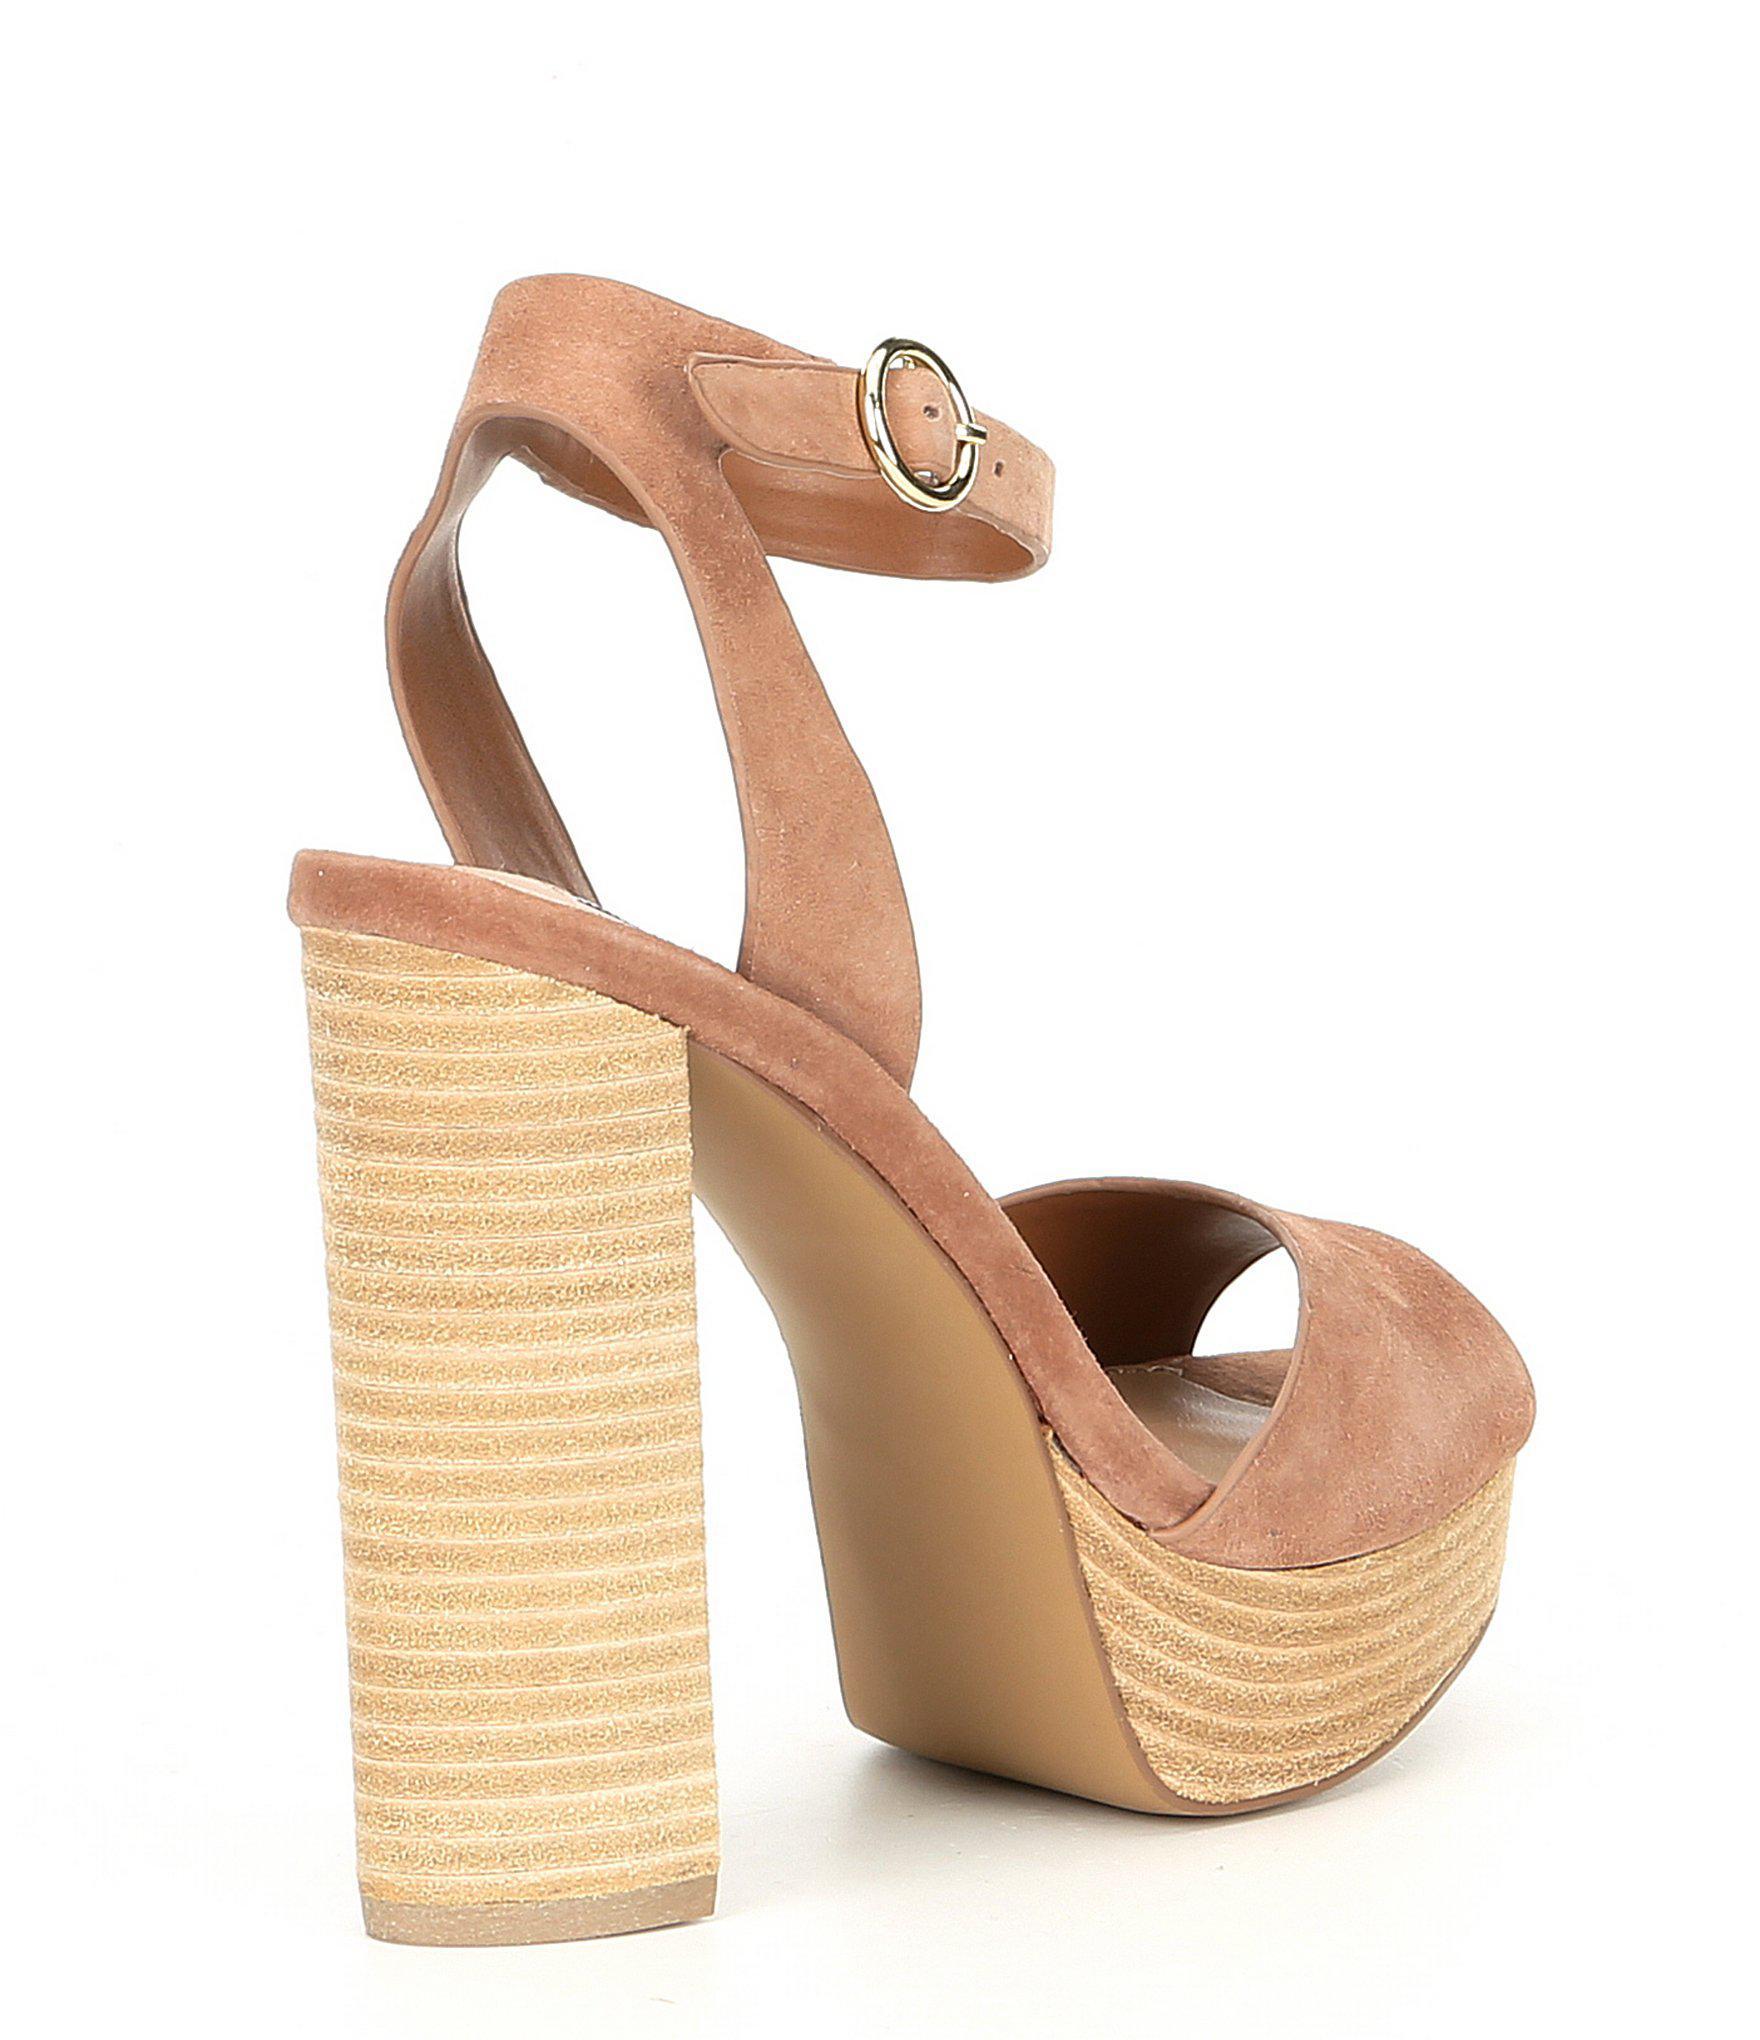 b4d39e4cdb8e Steve Madden - Brown Madeline Suede Block Heel Platform Sandals - Lyst.  View fullscreen